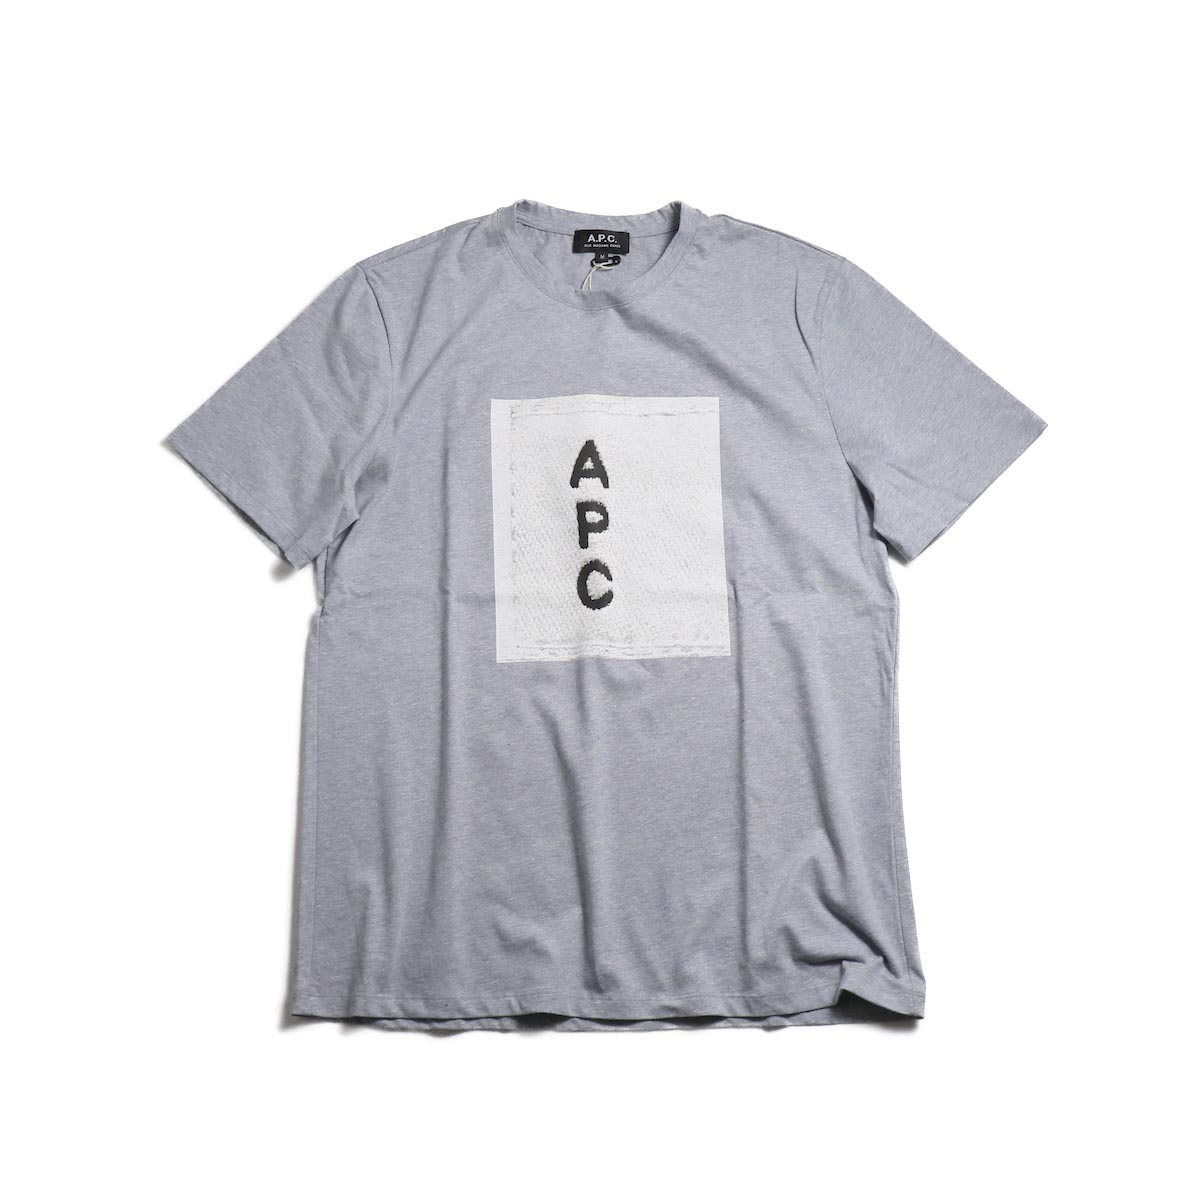 A.P.C. / Logo Tシャツ 正面